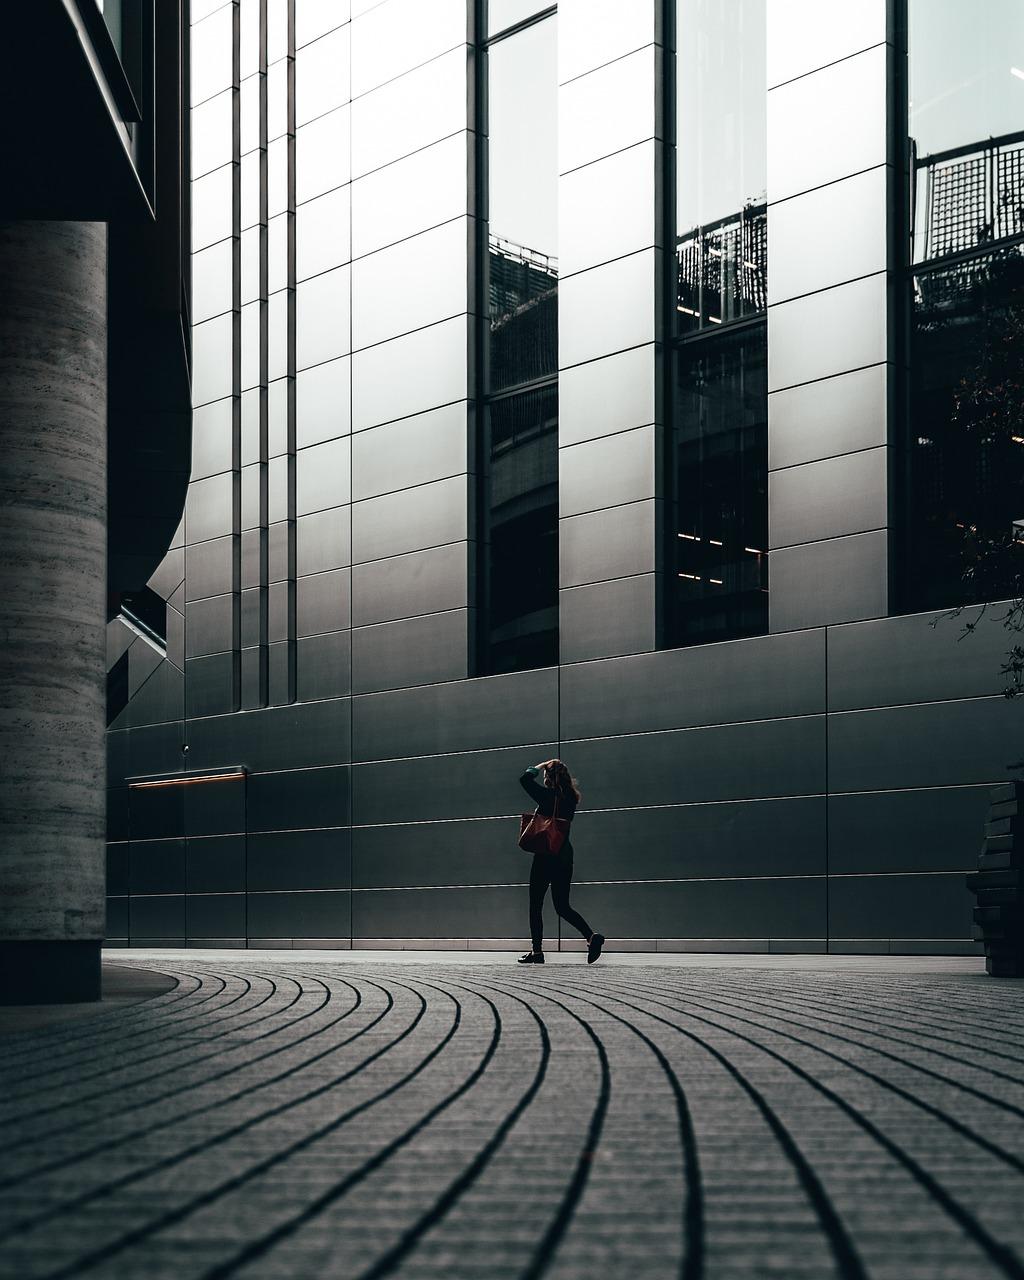 Beton architektoniczny: modny materiał w naszych wnętrzach